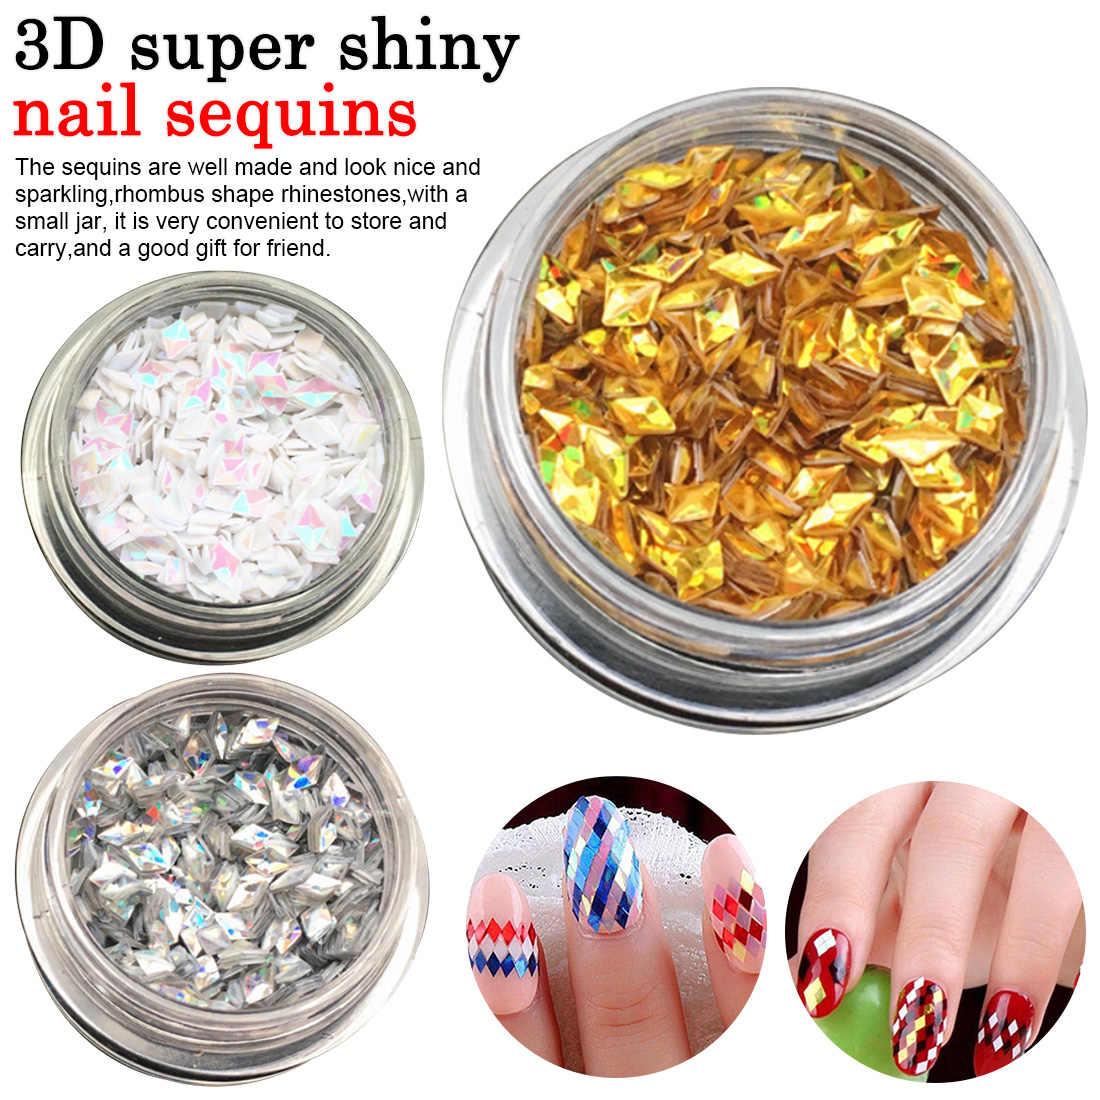 3D Super Mengkilap Segitiga Paillette Nail Art Dekorasi AB Bunglon Kuku Glitter Payet 1 Box